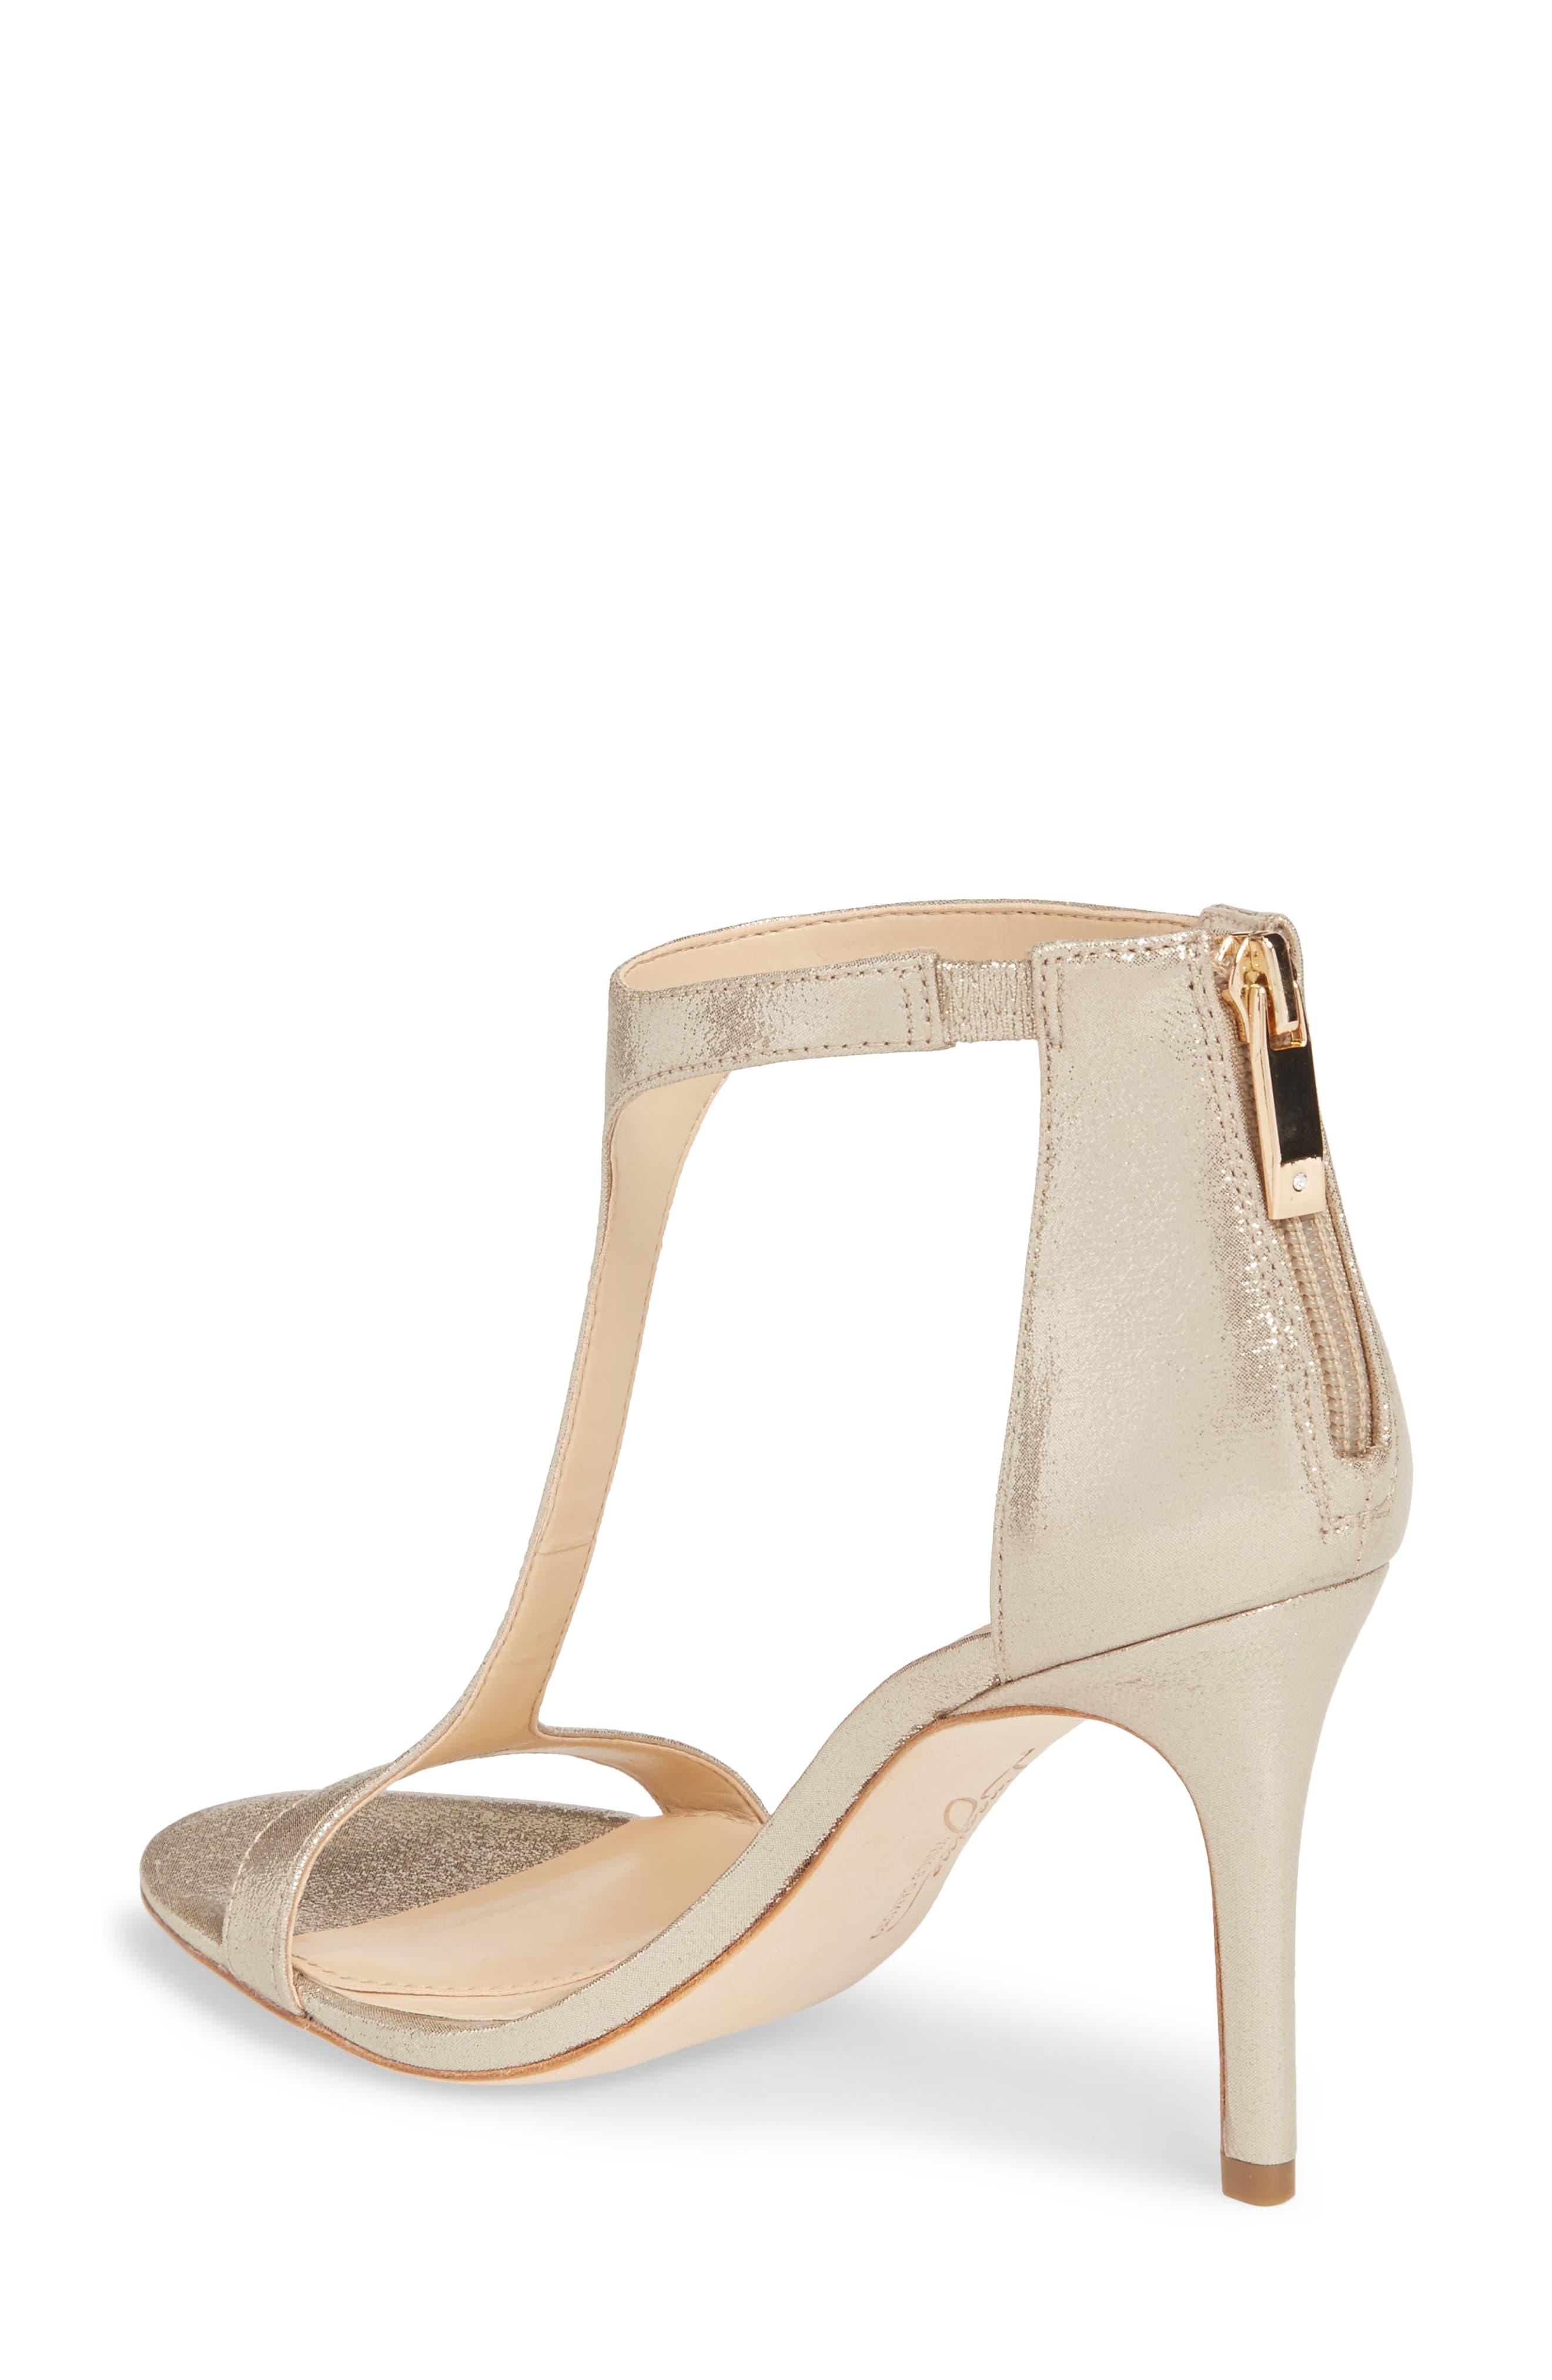 'Phoebe' Embellished T-Strap Sandal,                             Alternate thumbnail 16, color,